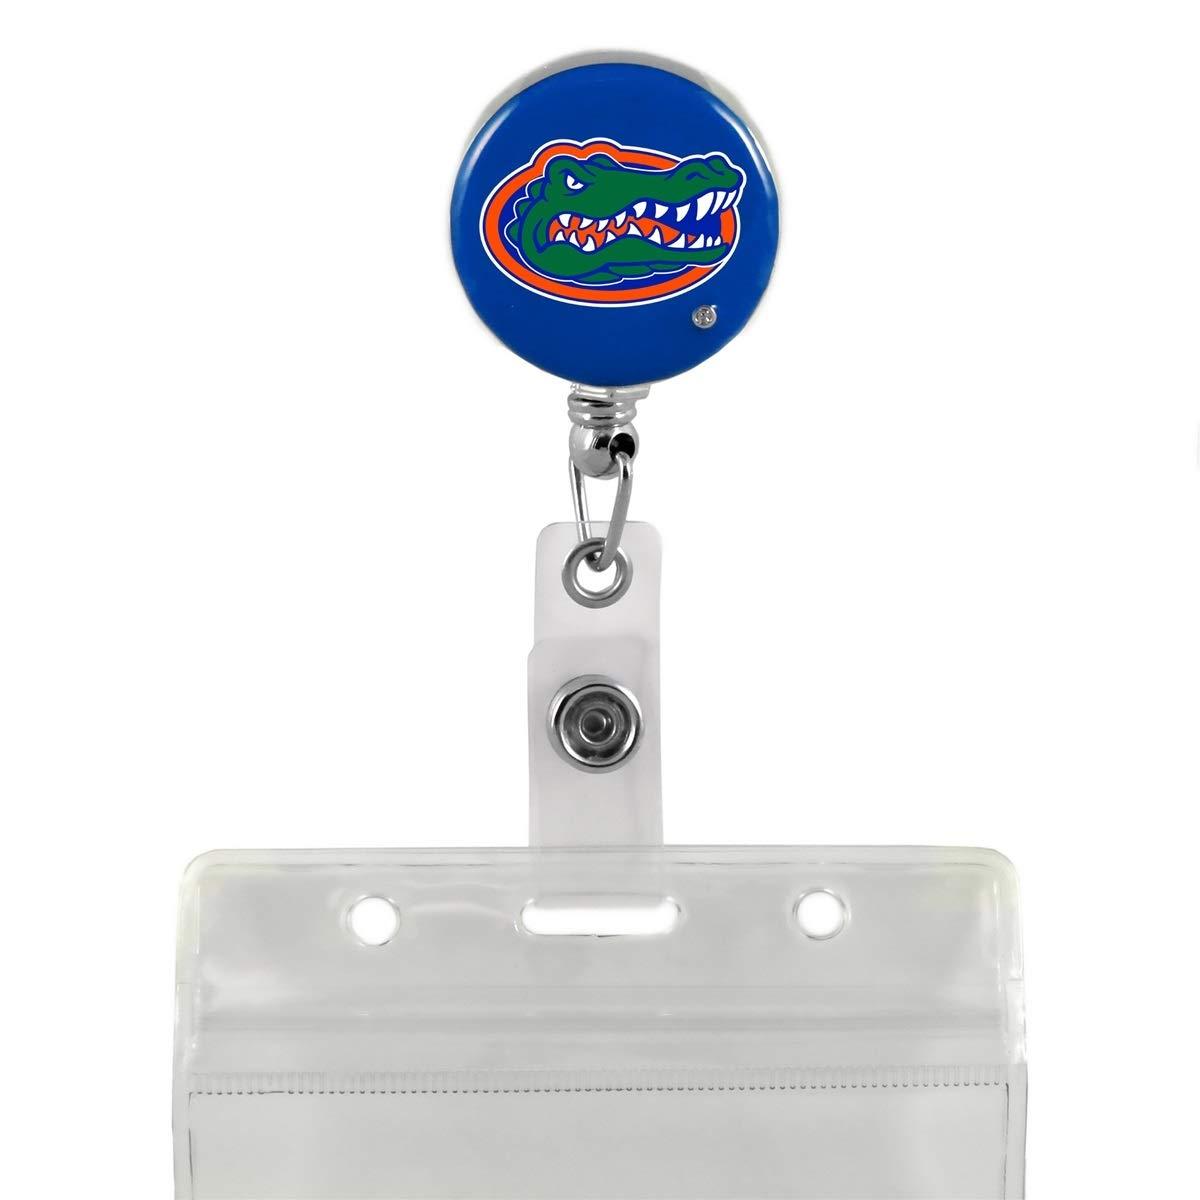 SANDOL Florida Gators Mascot Retractable Badge Reel